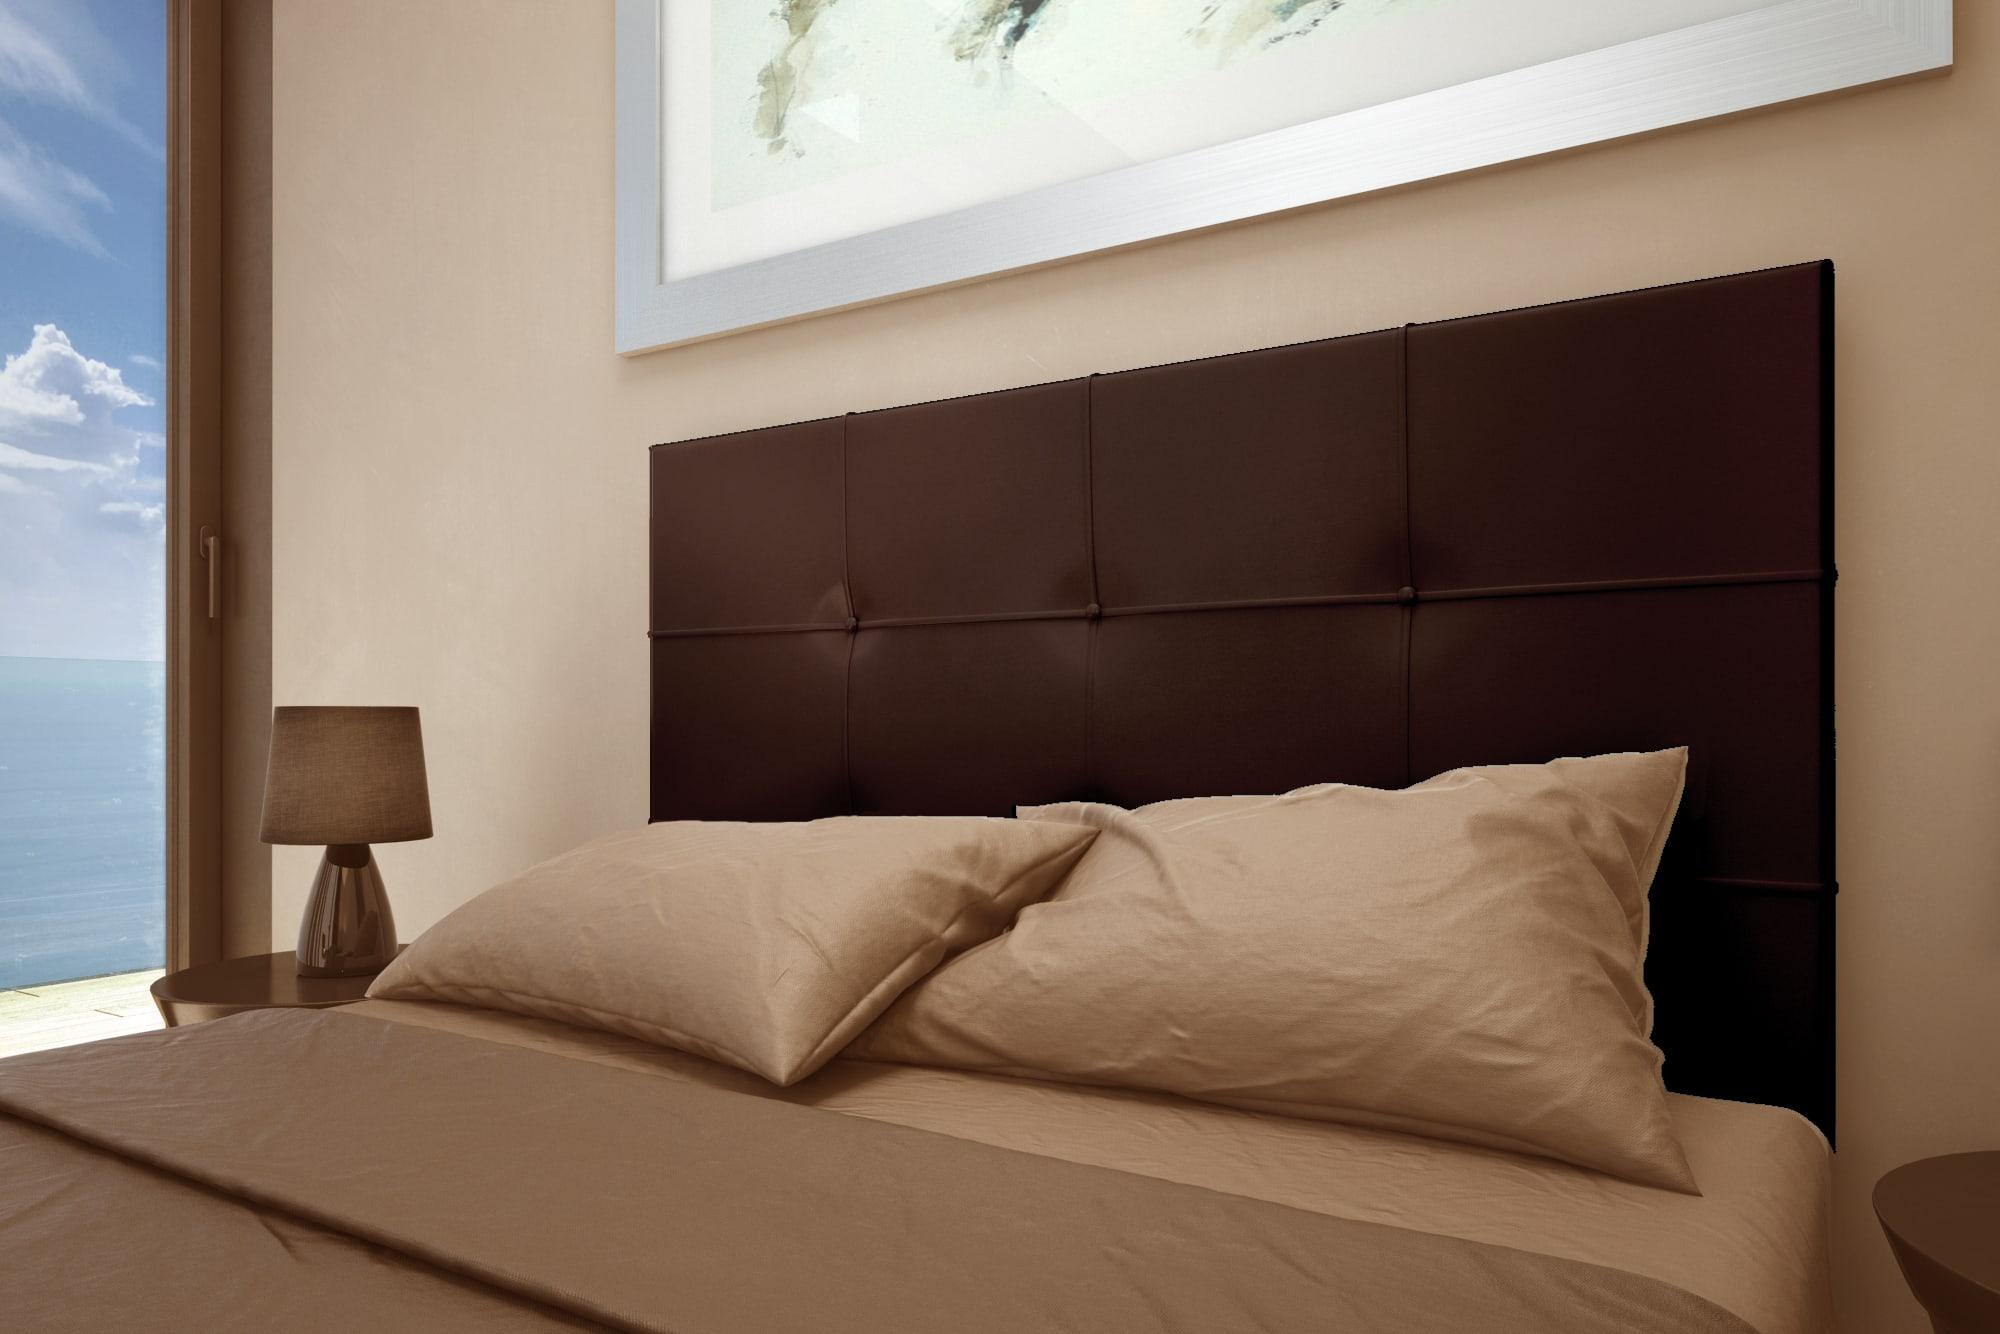 Cabeceros de cama elegantes y originales - Cabeceros de cama capitone ...